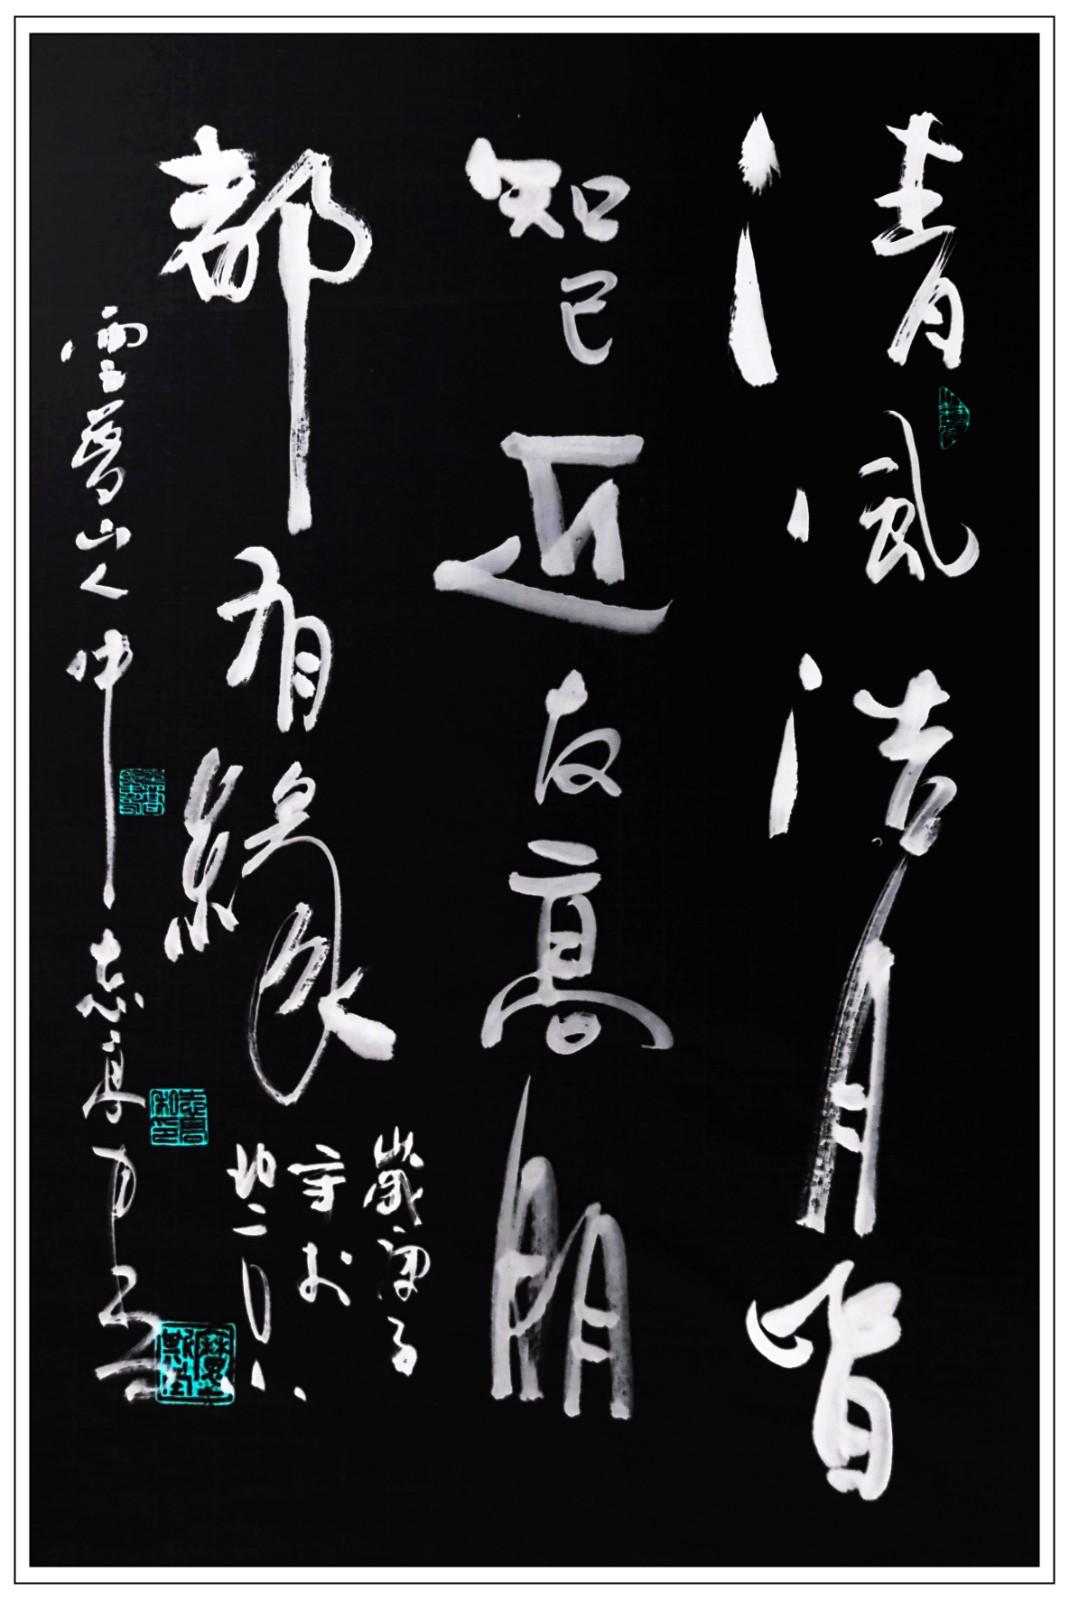 牛志高书法----2020.11.05_图1-2